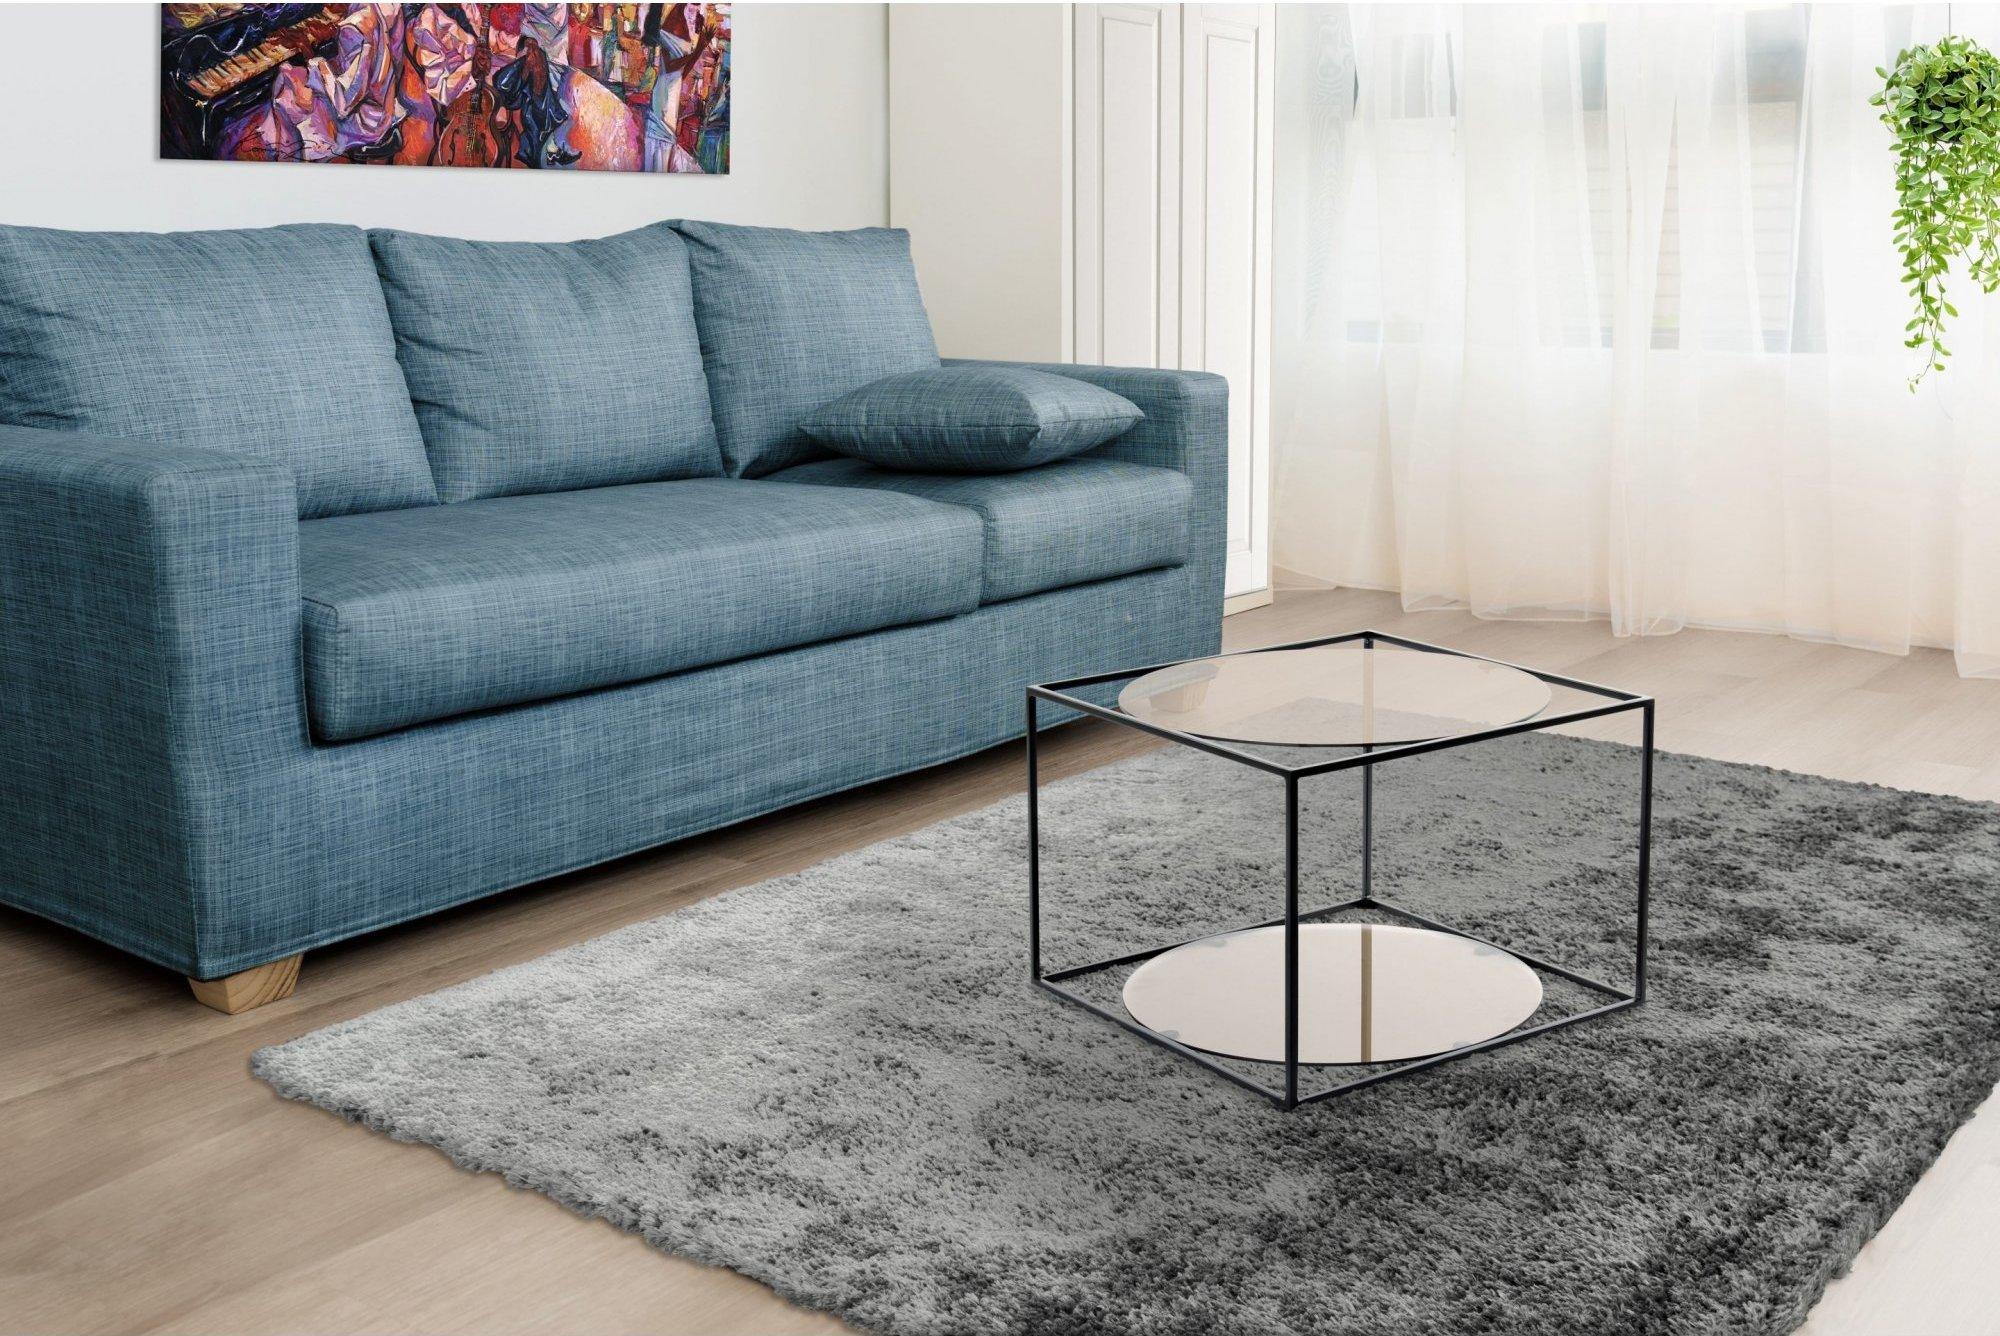 Table basse rectangulaire plateau verre fumé gris l50cm